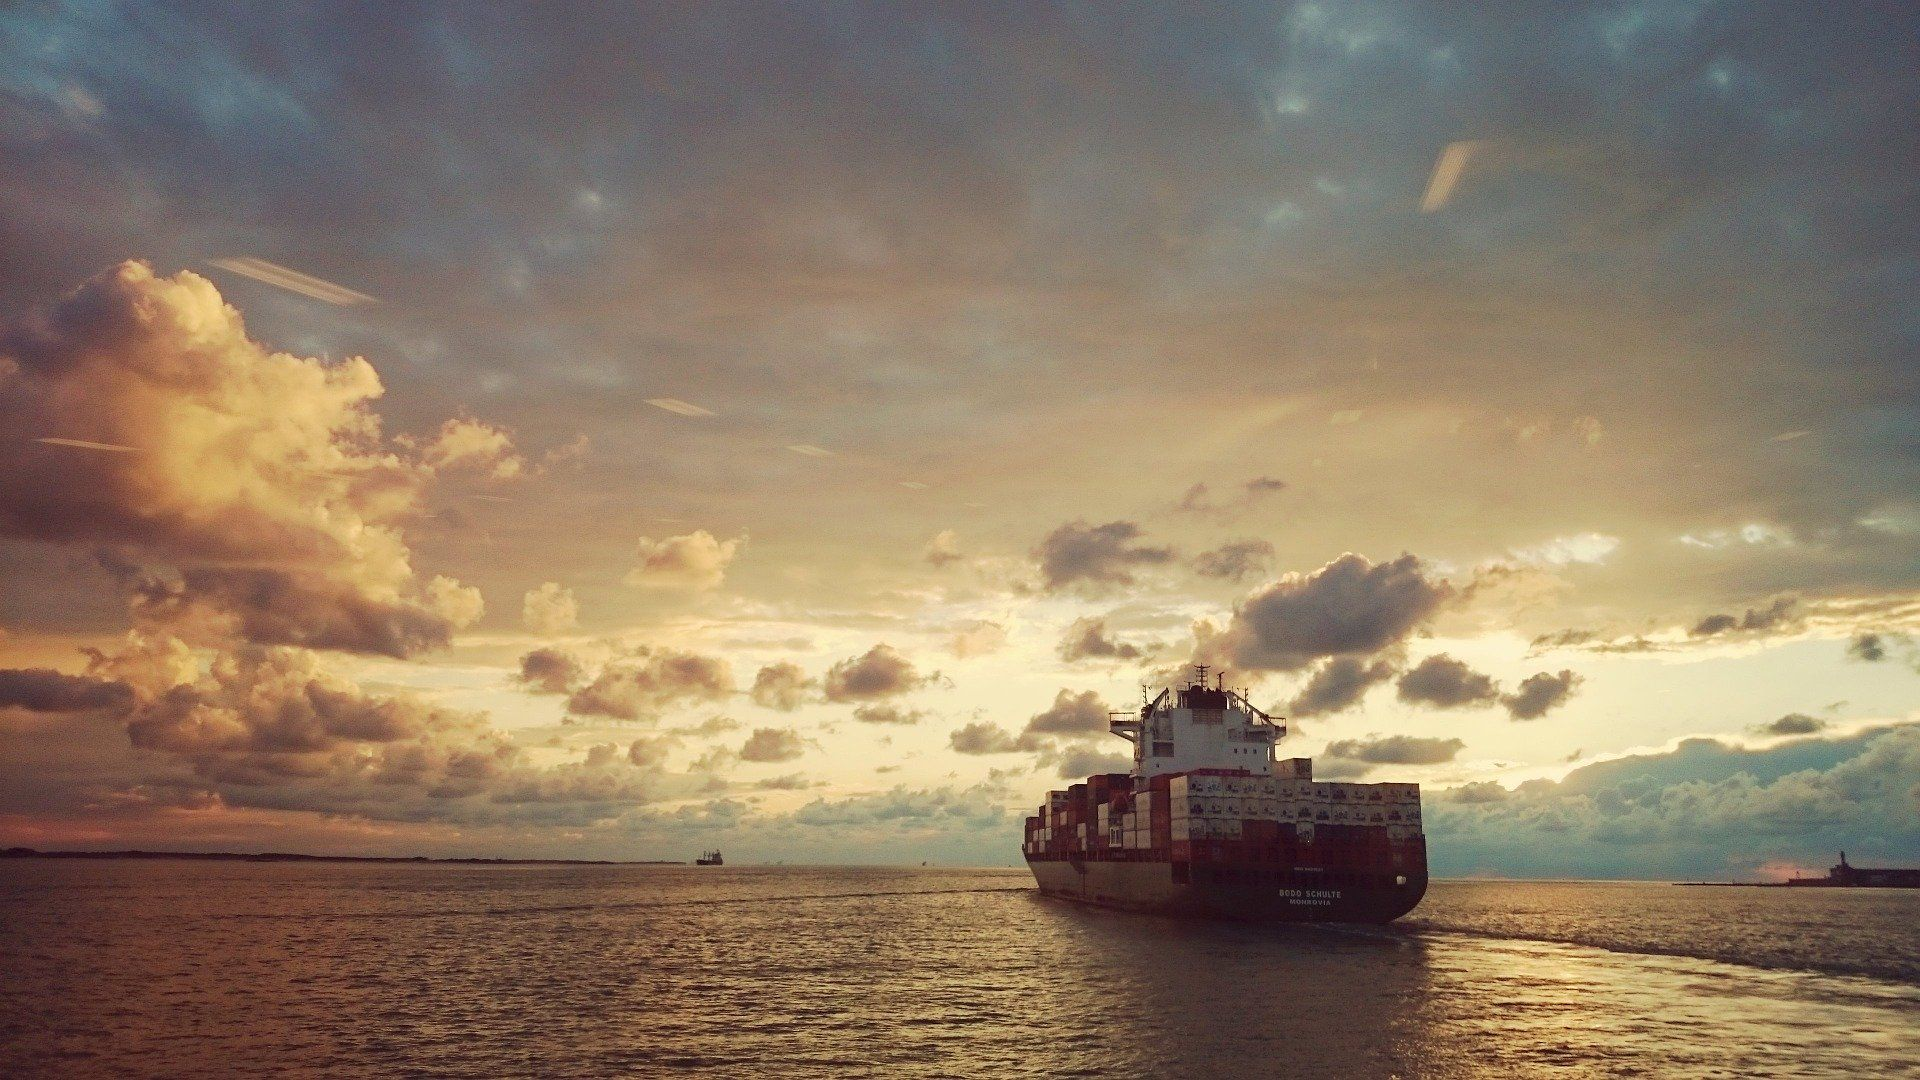 Моряки из Новороссийска оказались на аварийном судне, которое вышло из порта и начало тонуть